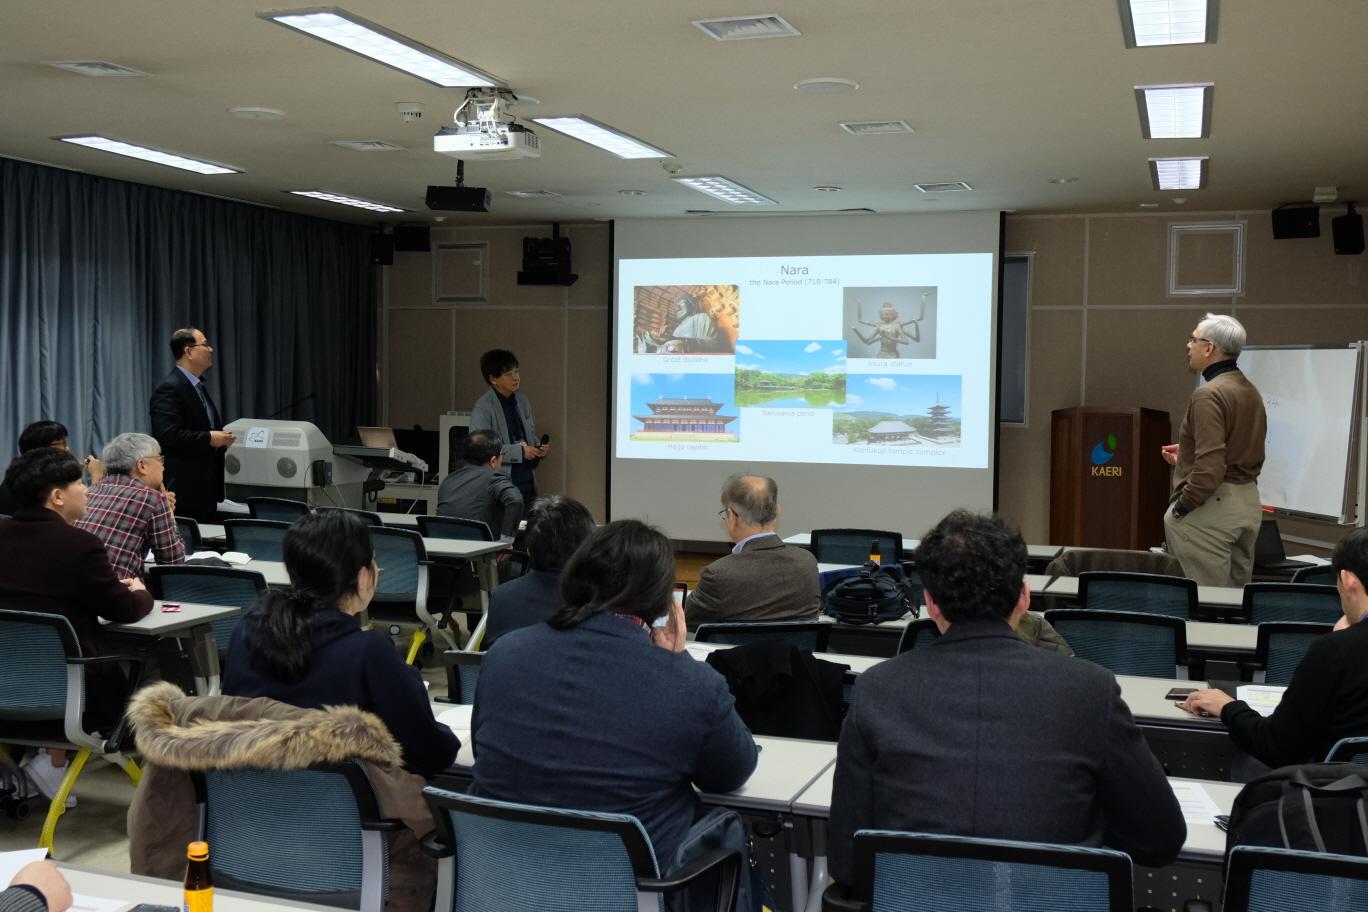 사진2. 일본 오사카대학 측에서 연구 성과를 발표하고 있다